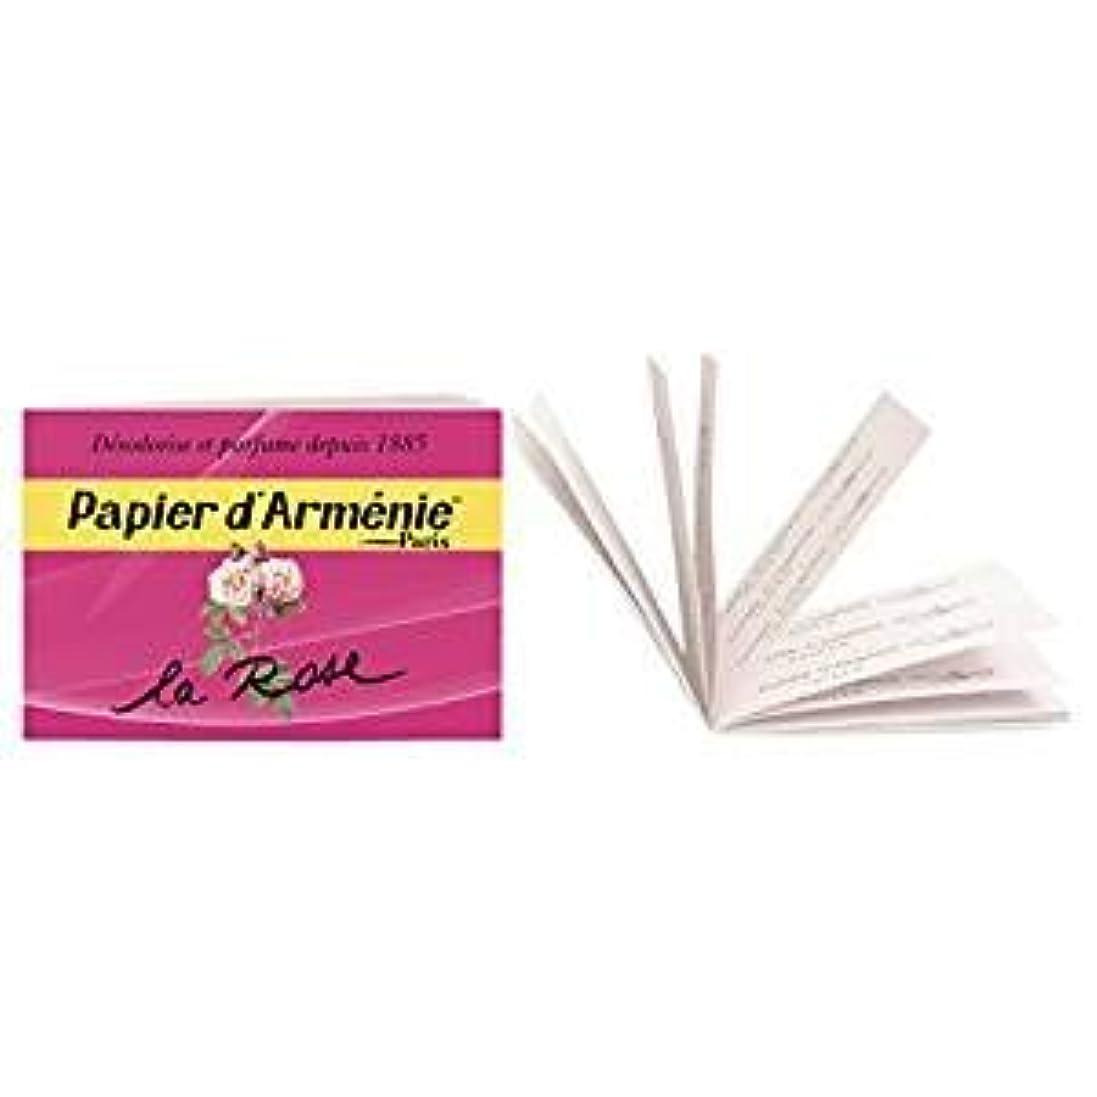 ボックス必須面Papier d'Arménie パピエダルメニイ ローズ 紙のお香 フランス直送 [並行輸入品] (1個)